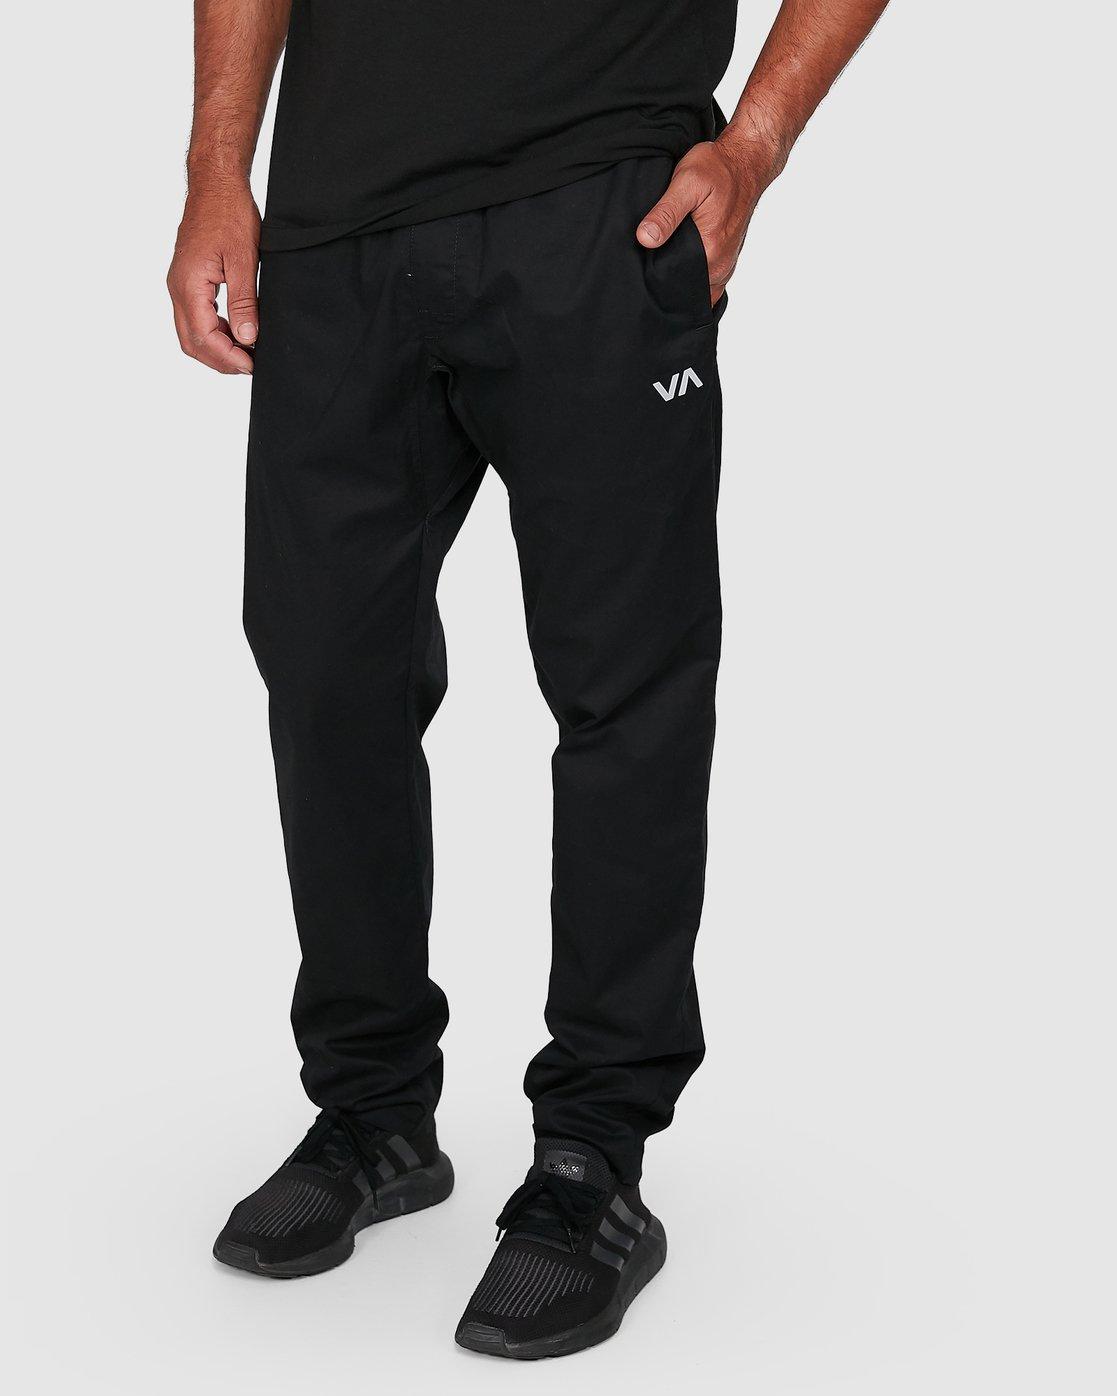 6 Spectrum Iil Pants Black R391274 RVCA